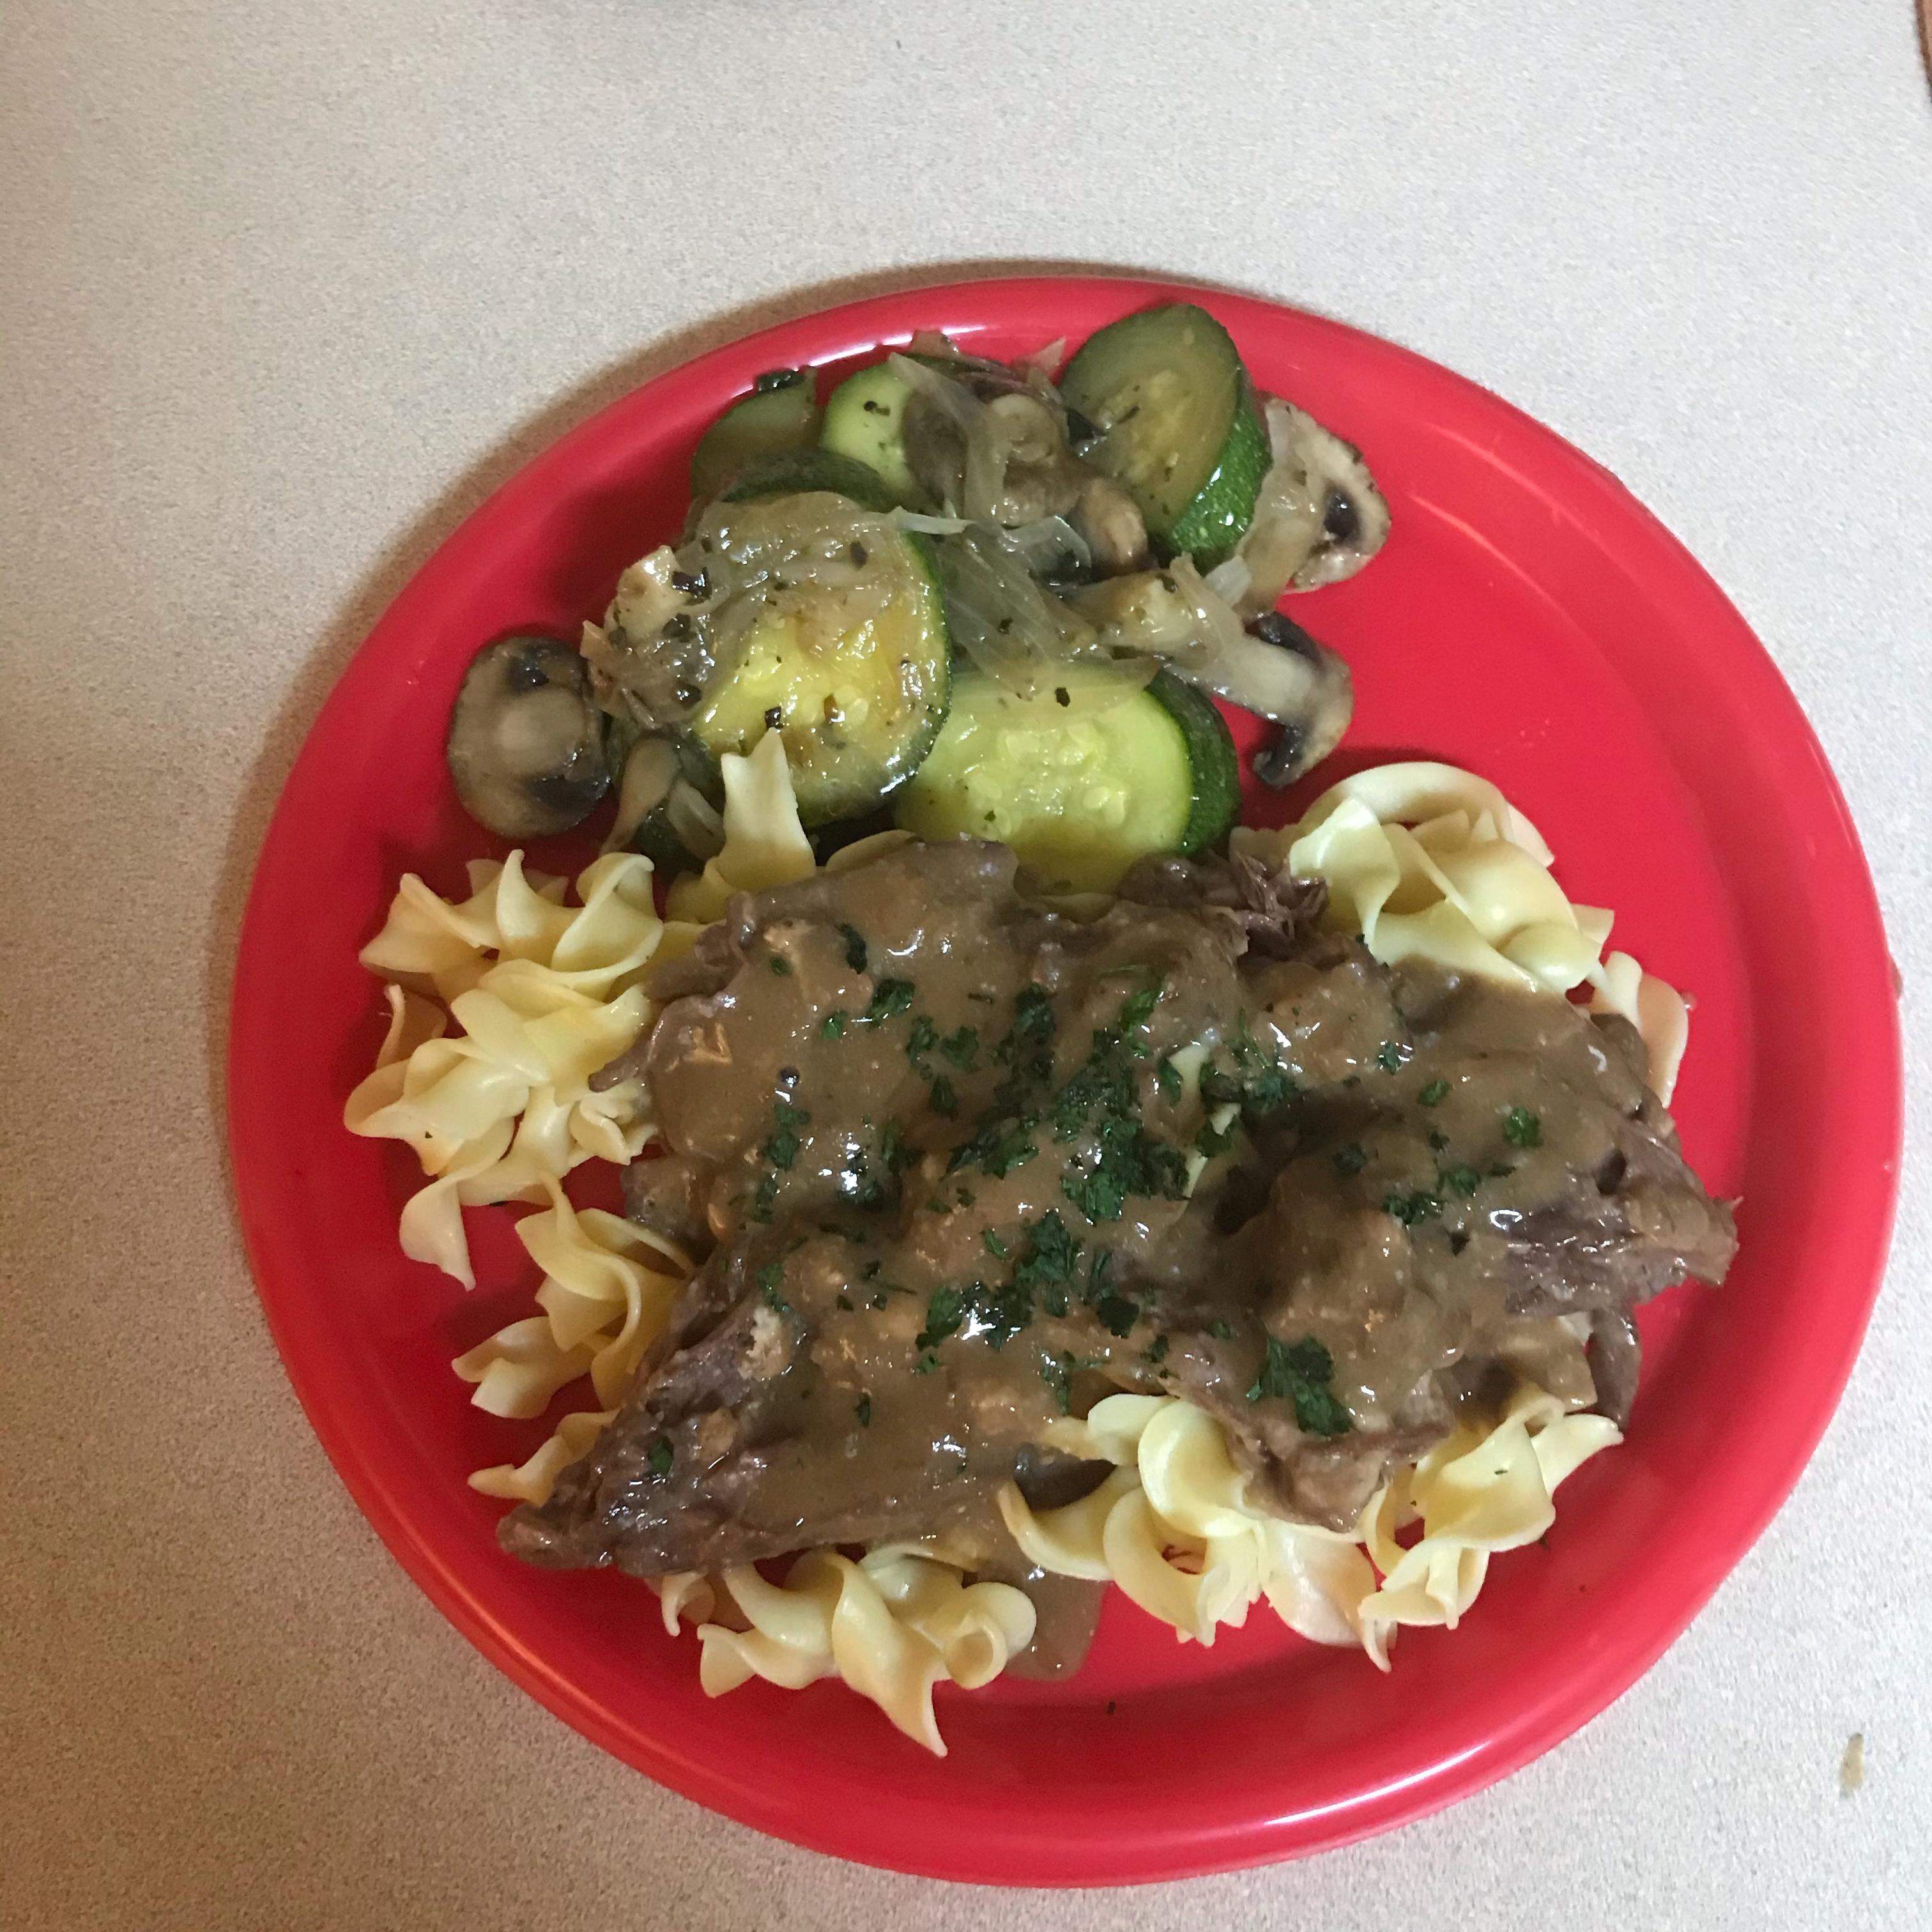 Daria's Slow Cooker Beef Stroganoff